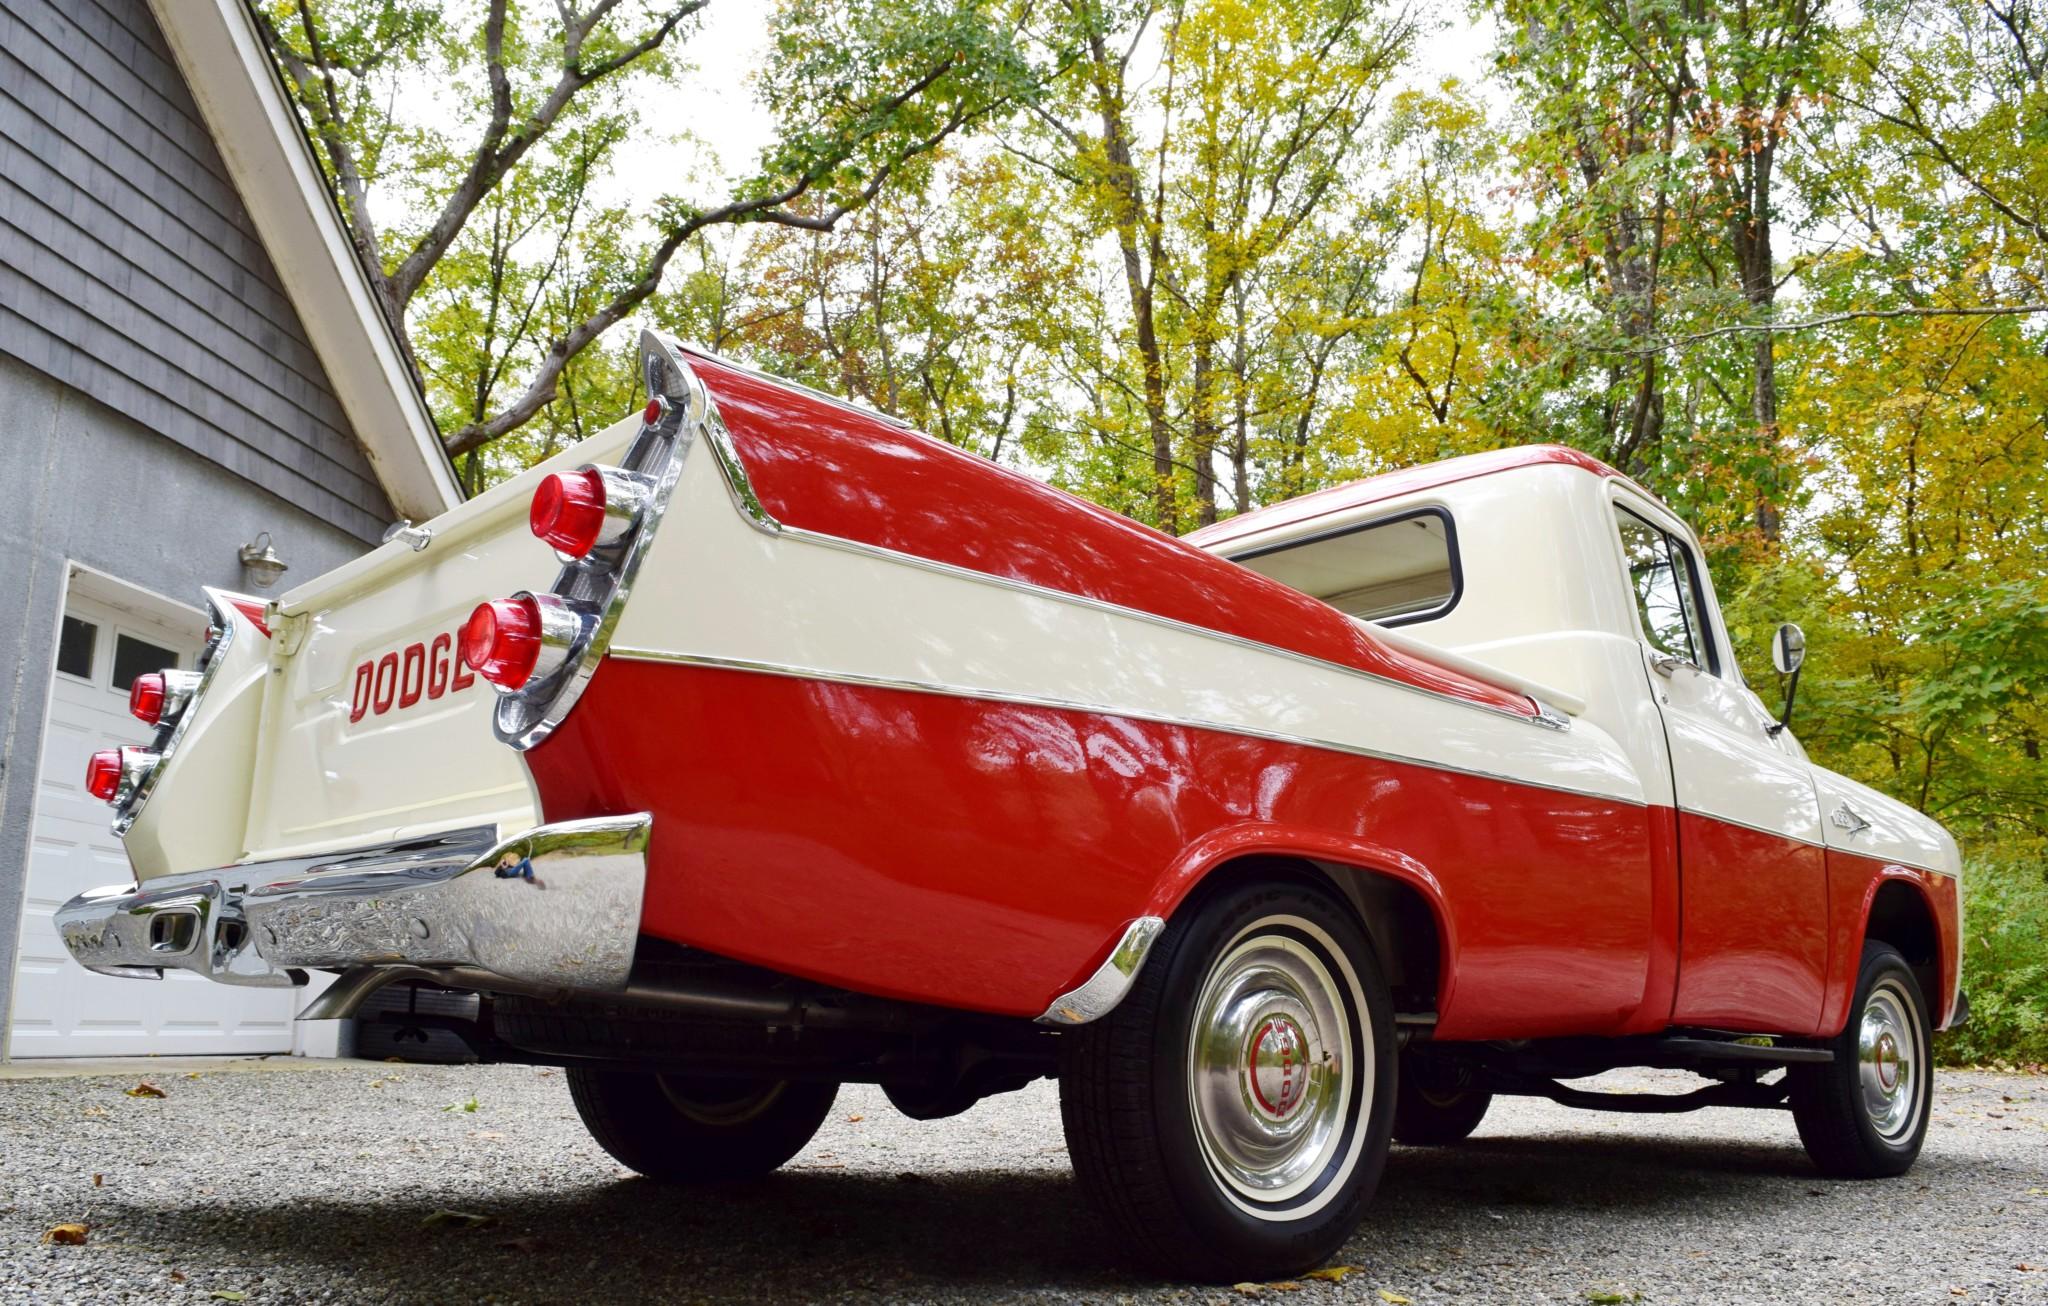 1957 Dodge D100 Sweptside low 3/4 rear